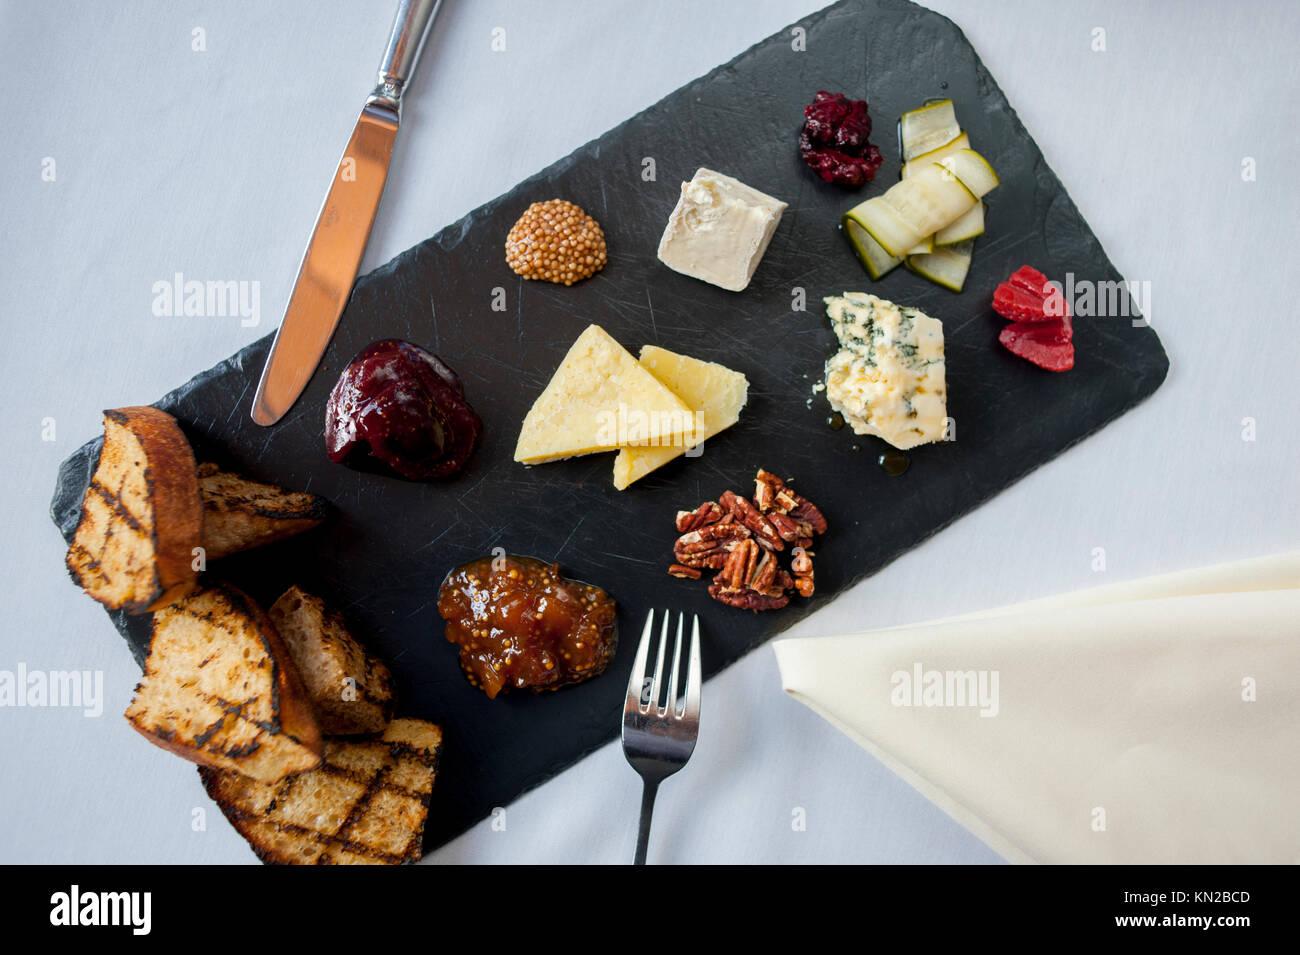 USA Virginia VA Williamsburg Winery Cafe provenzalischen Speisen elegant essen Gemischte Käseplatte mit Toast Stockbild